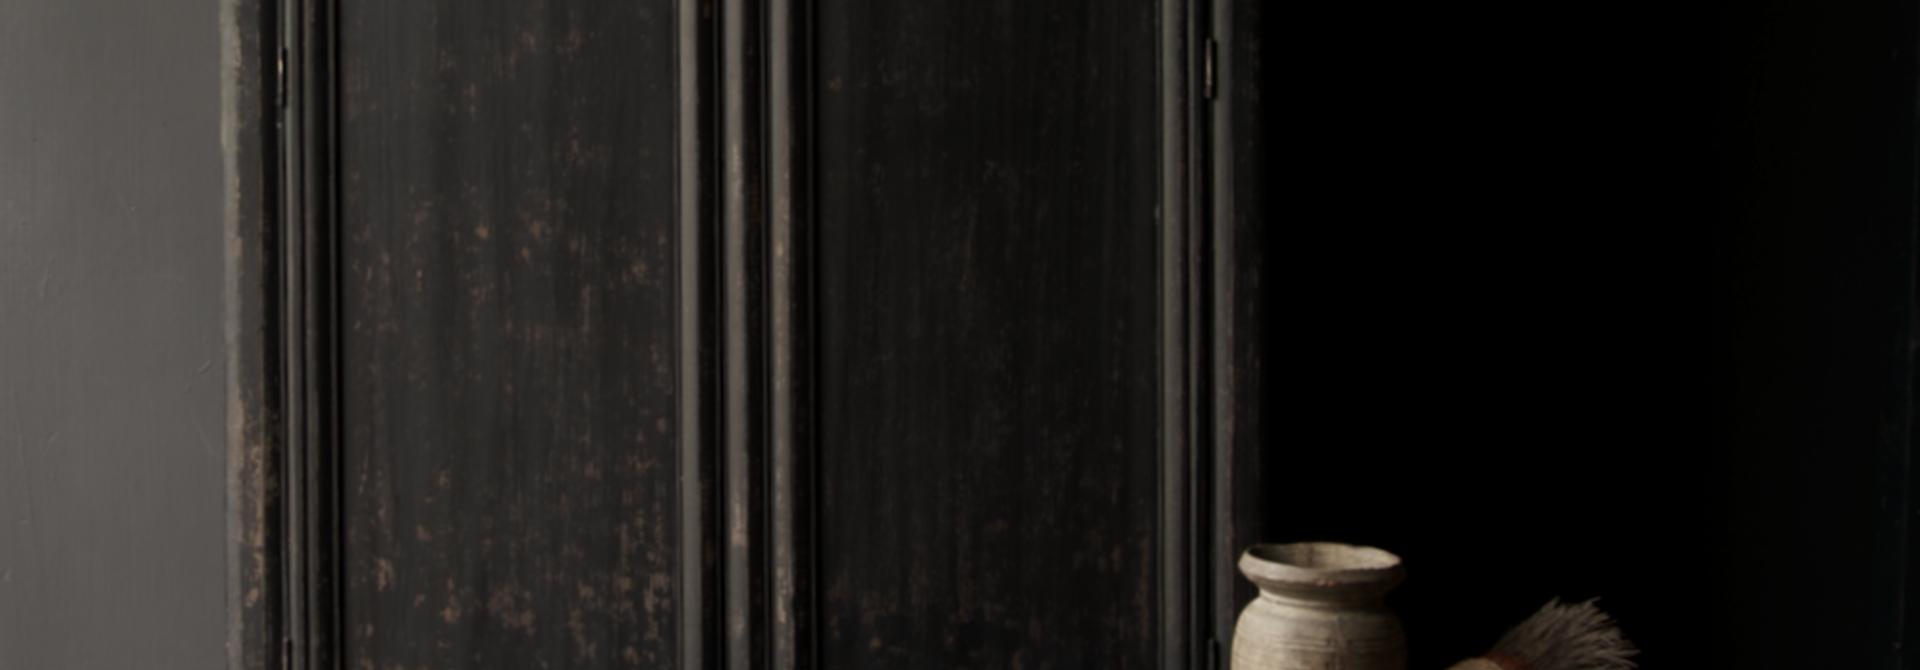 Schöner Tough Rural alter Holzschrank mit zwei Türen